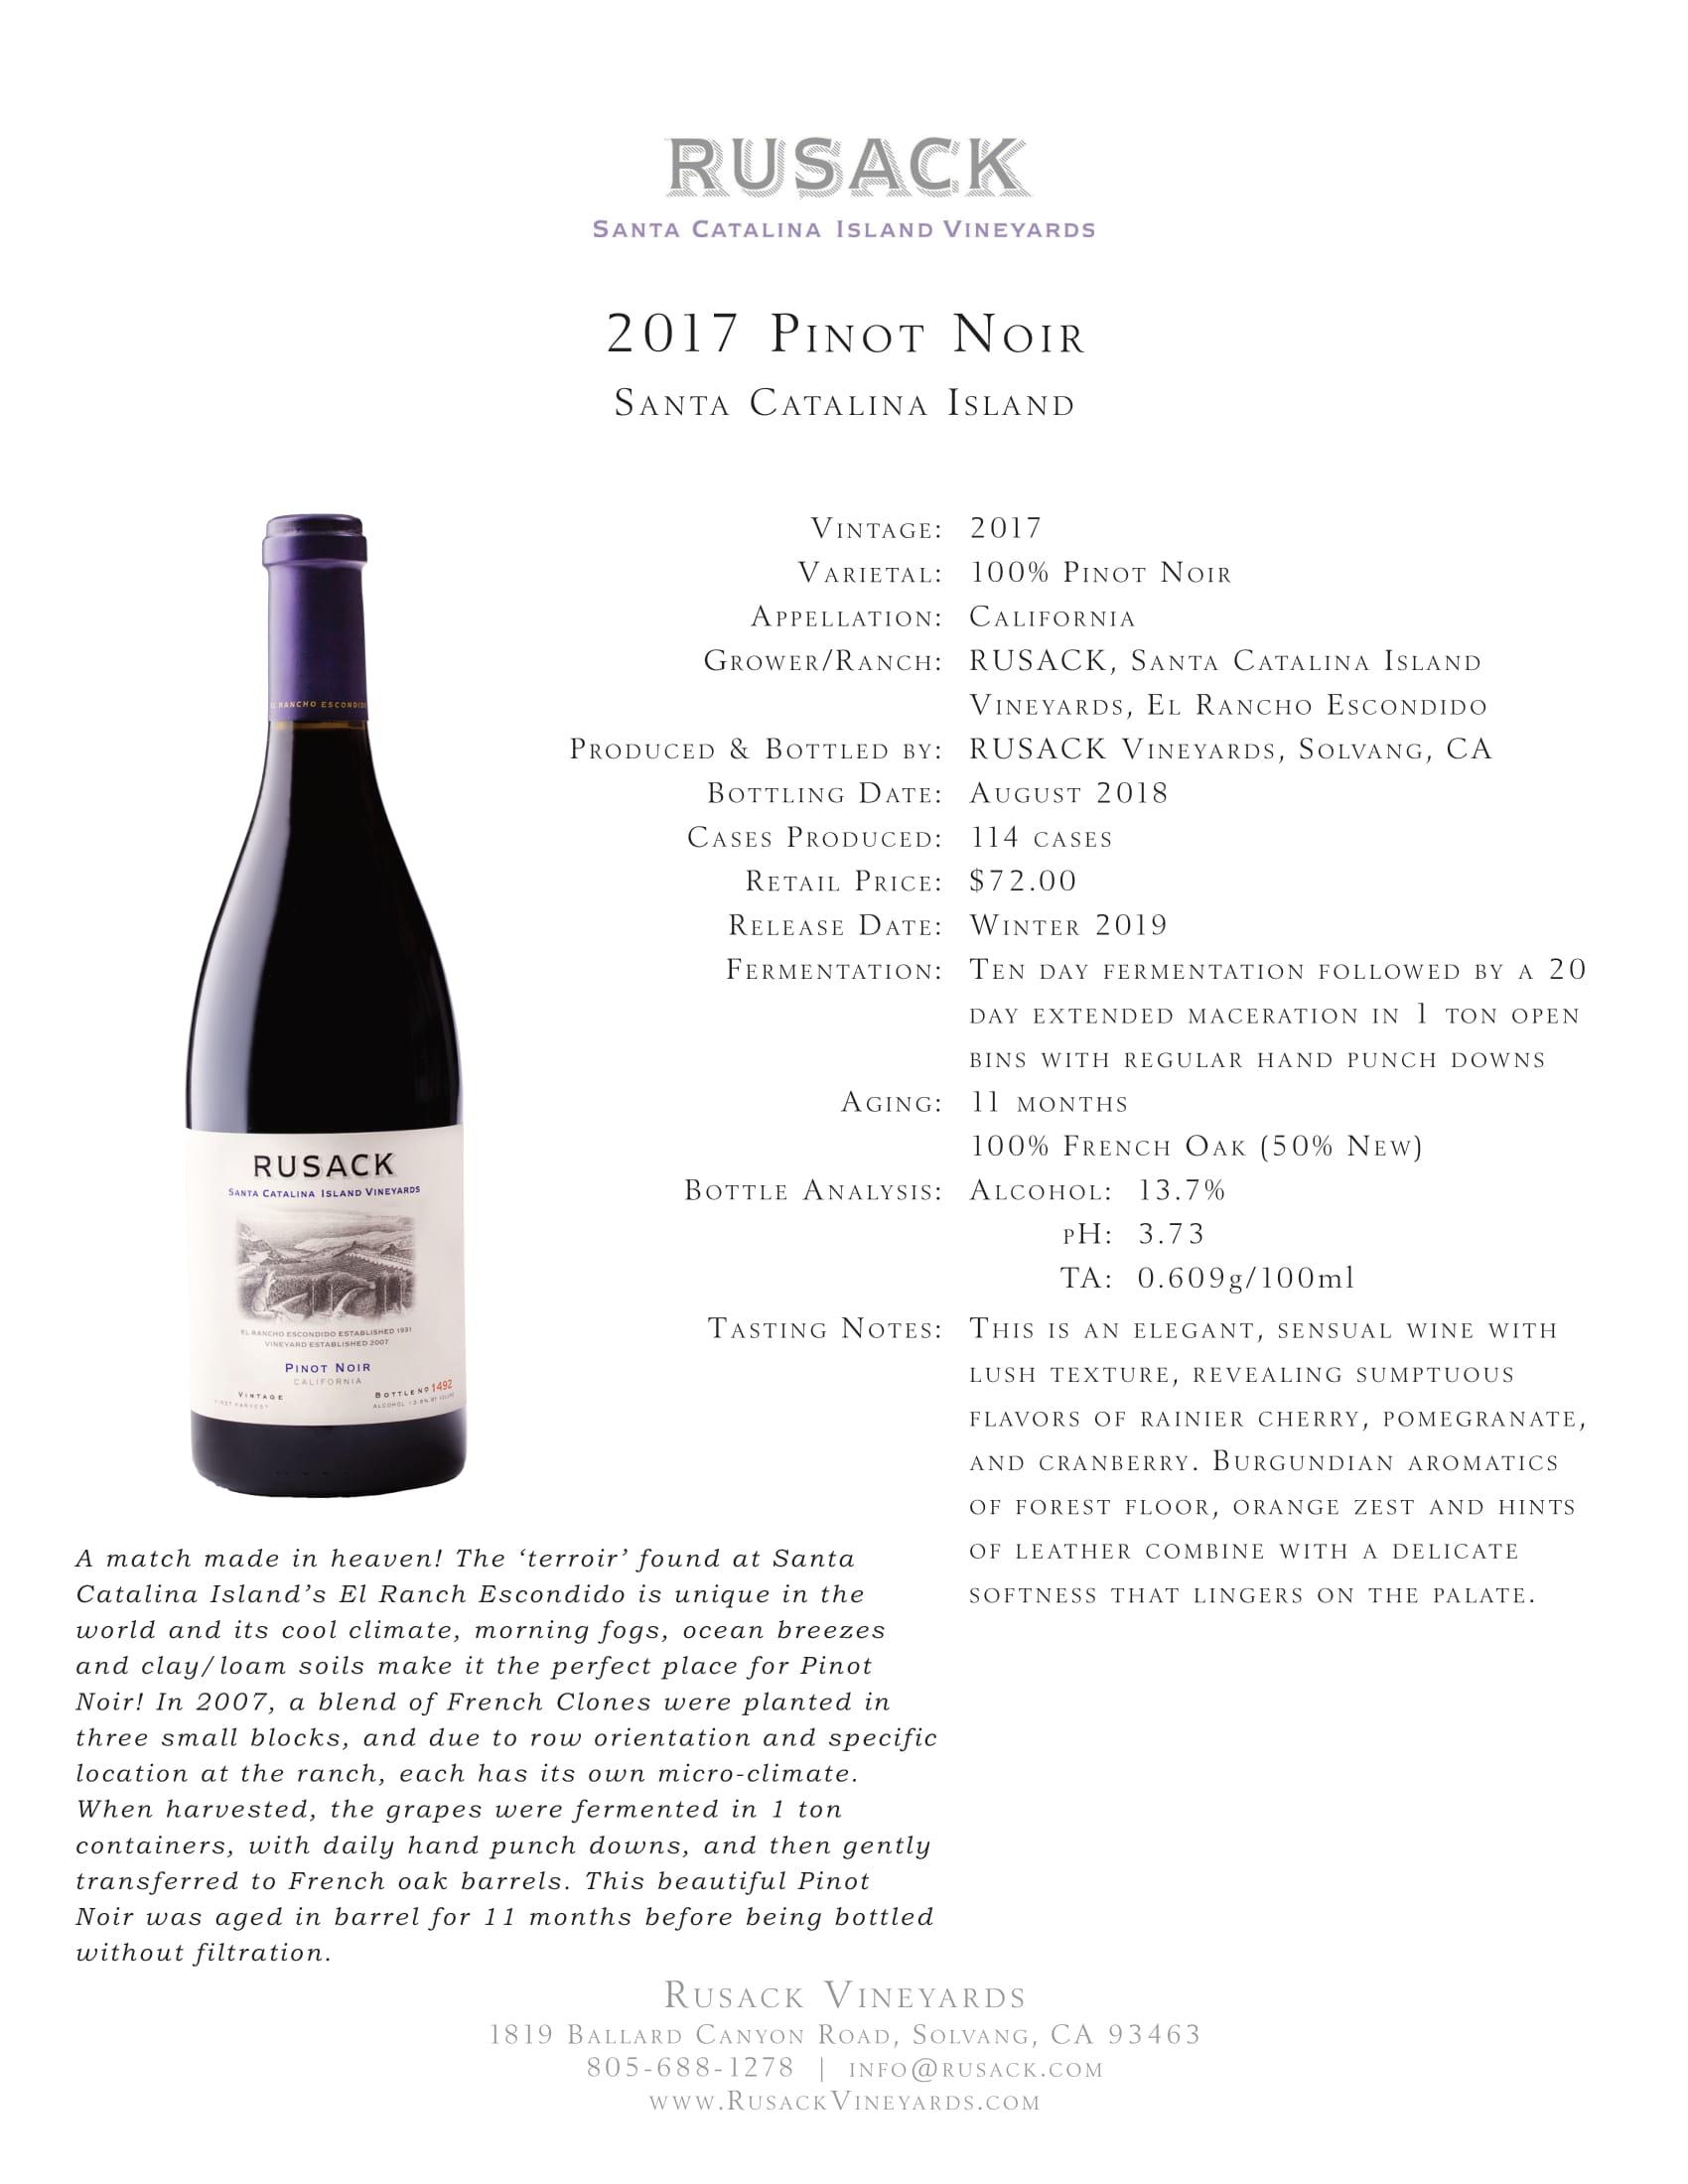 Rusack Vineyards Pinot Noir Santa Catalina Island Sell Sheet